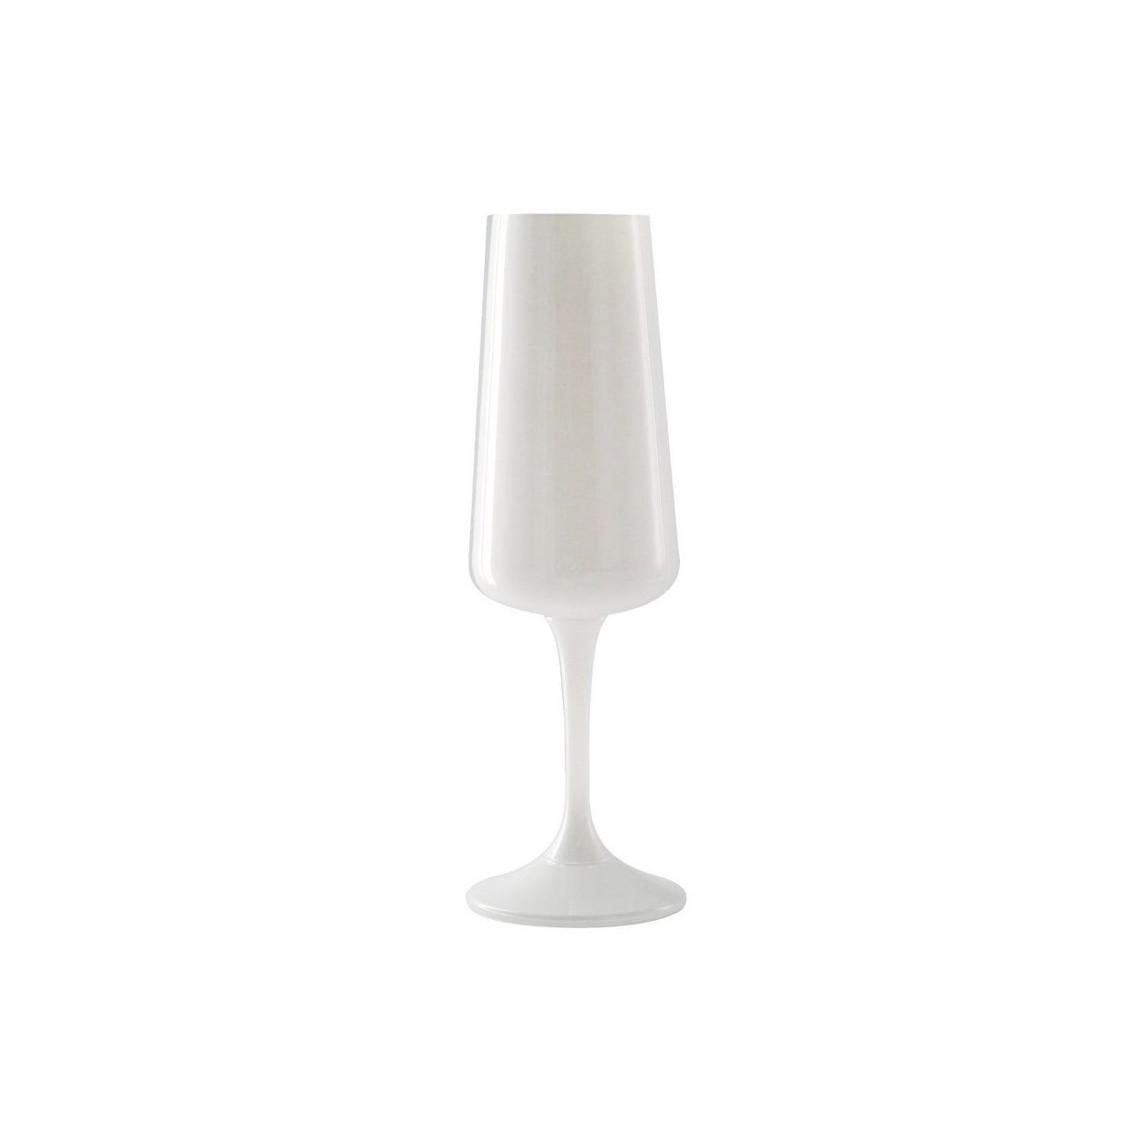 Flûte Concept blanc (16 cl)